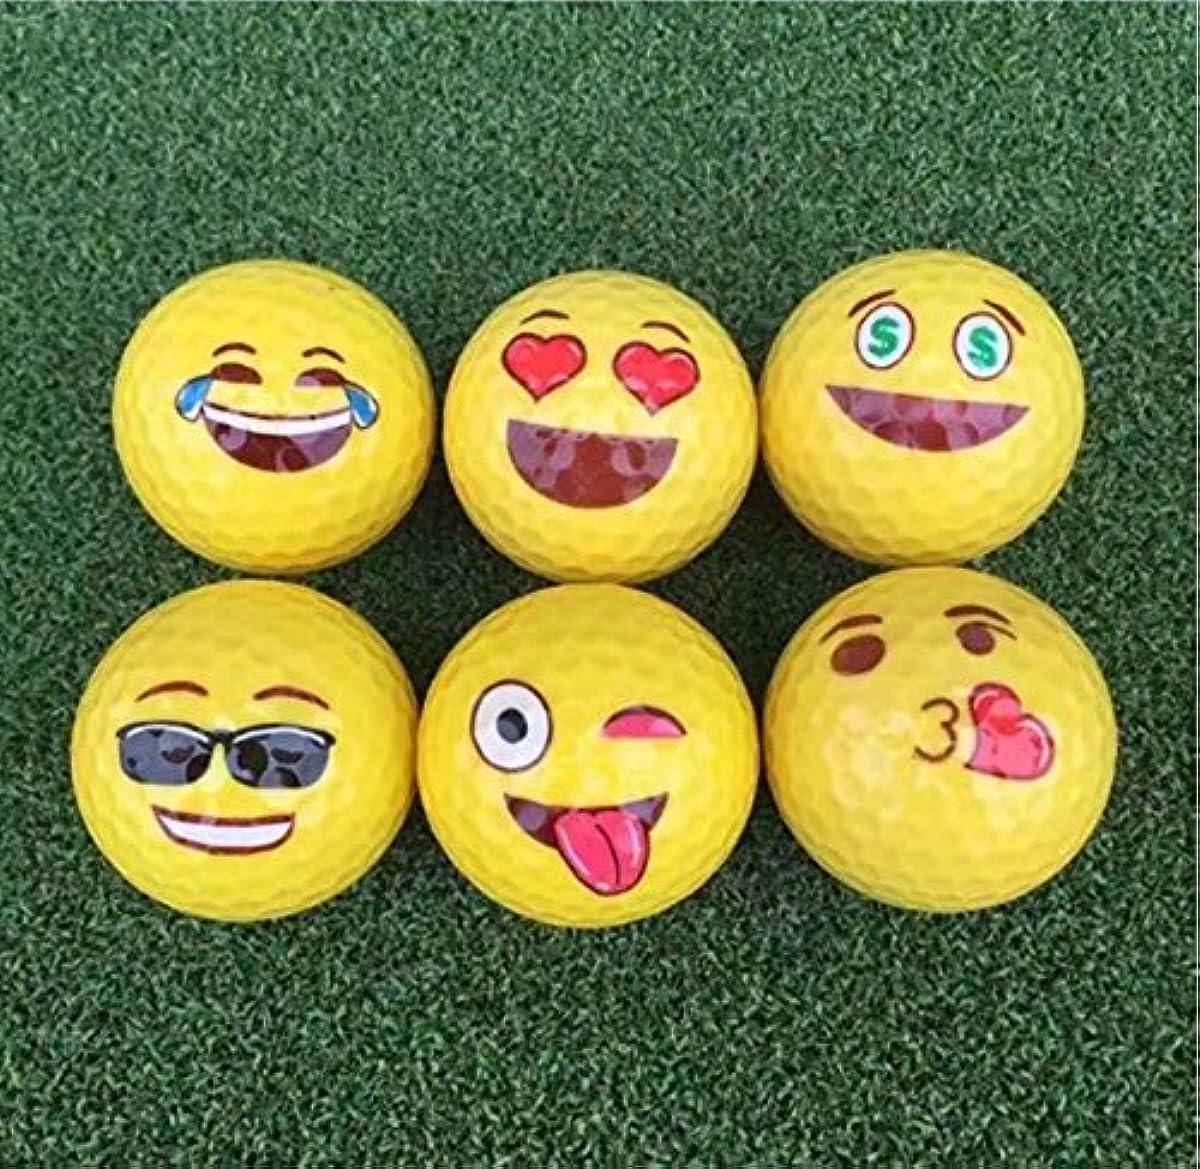 [해외] TOWAY 6피스 그림문자 노벨티 즐거운 골프 볼 골프 게임 트레이닝